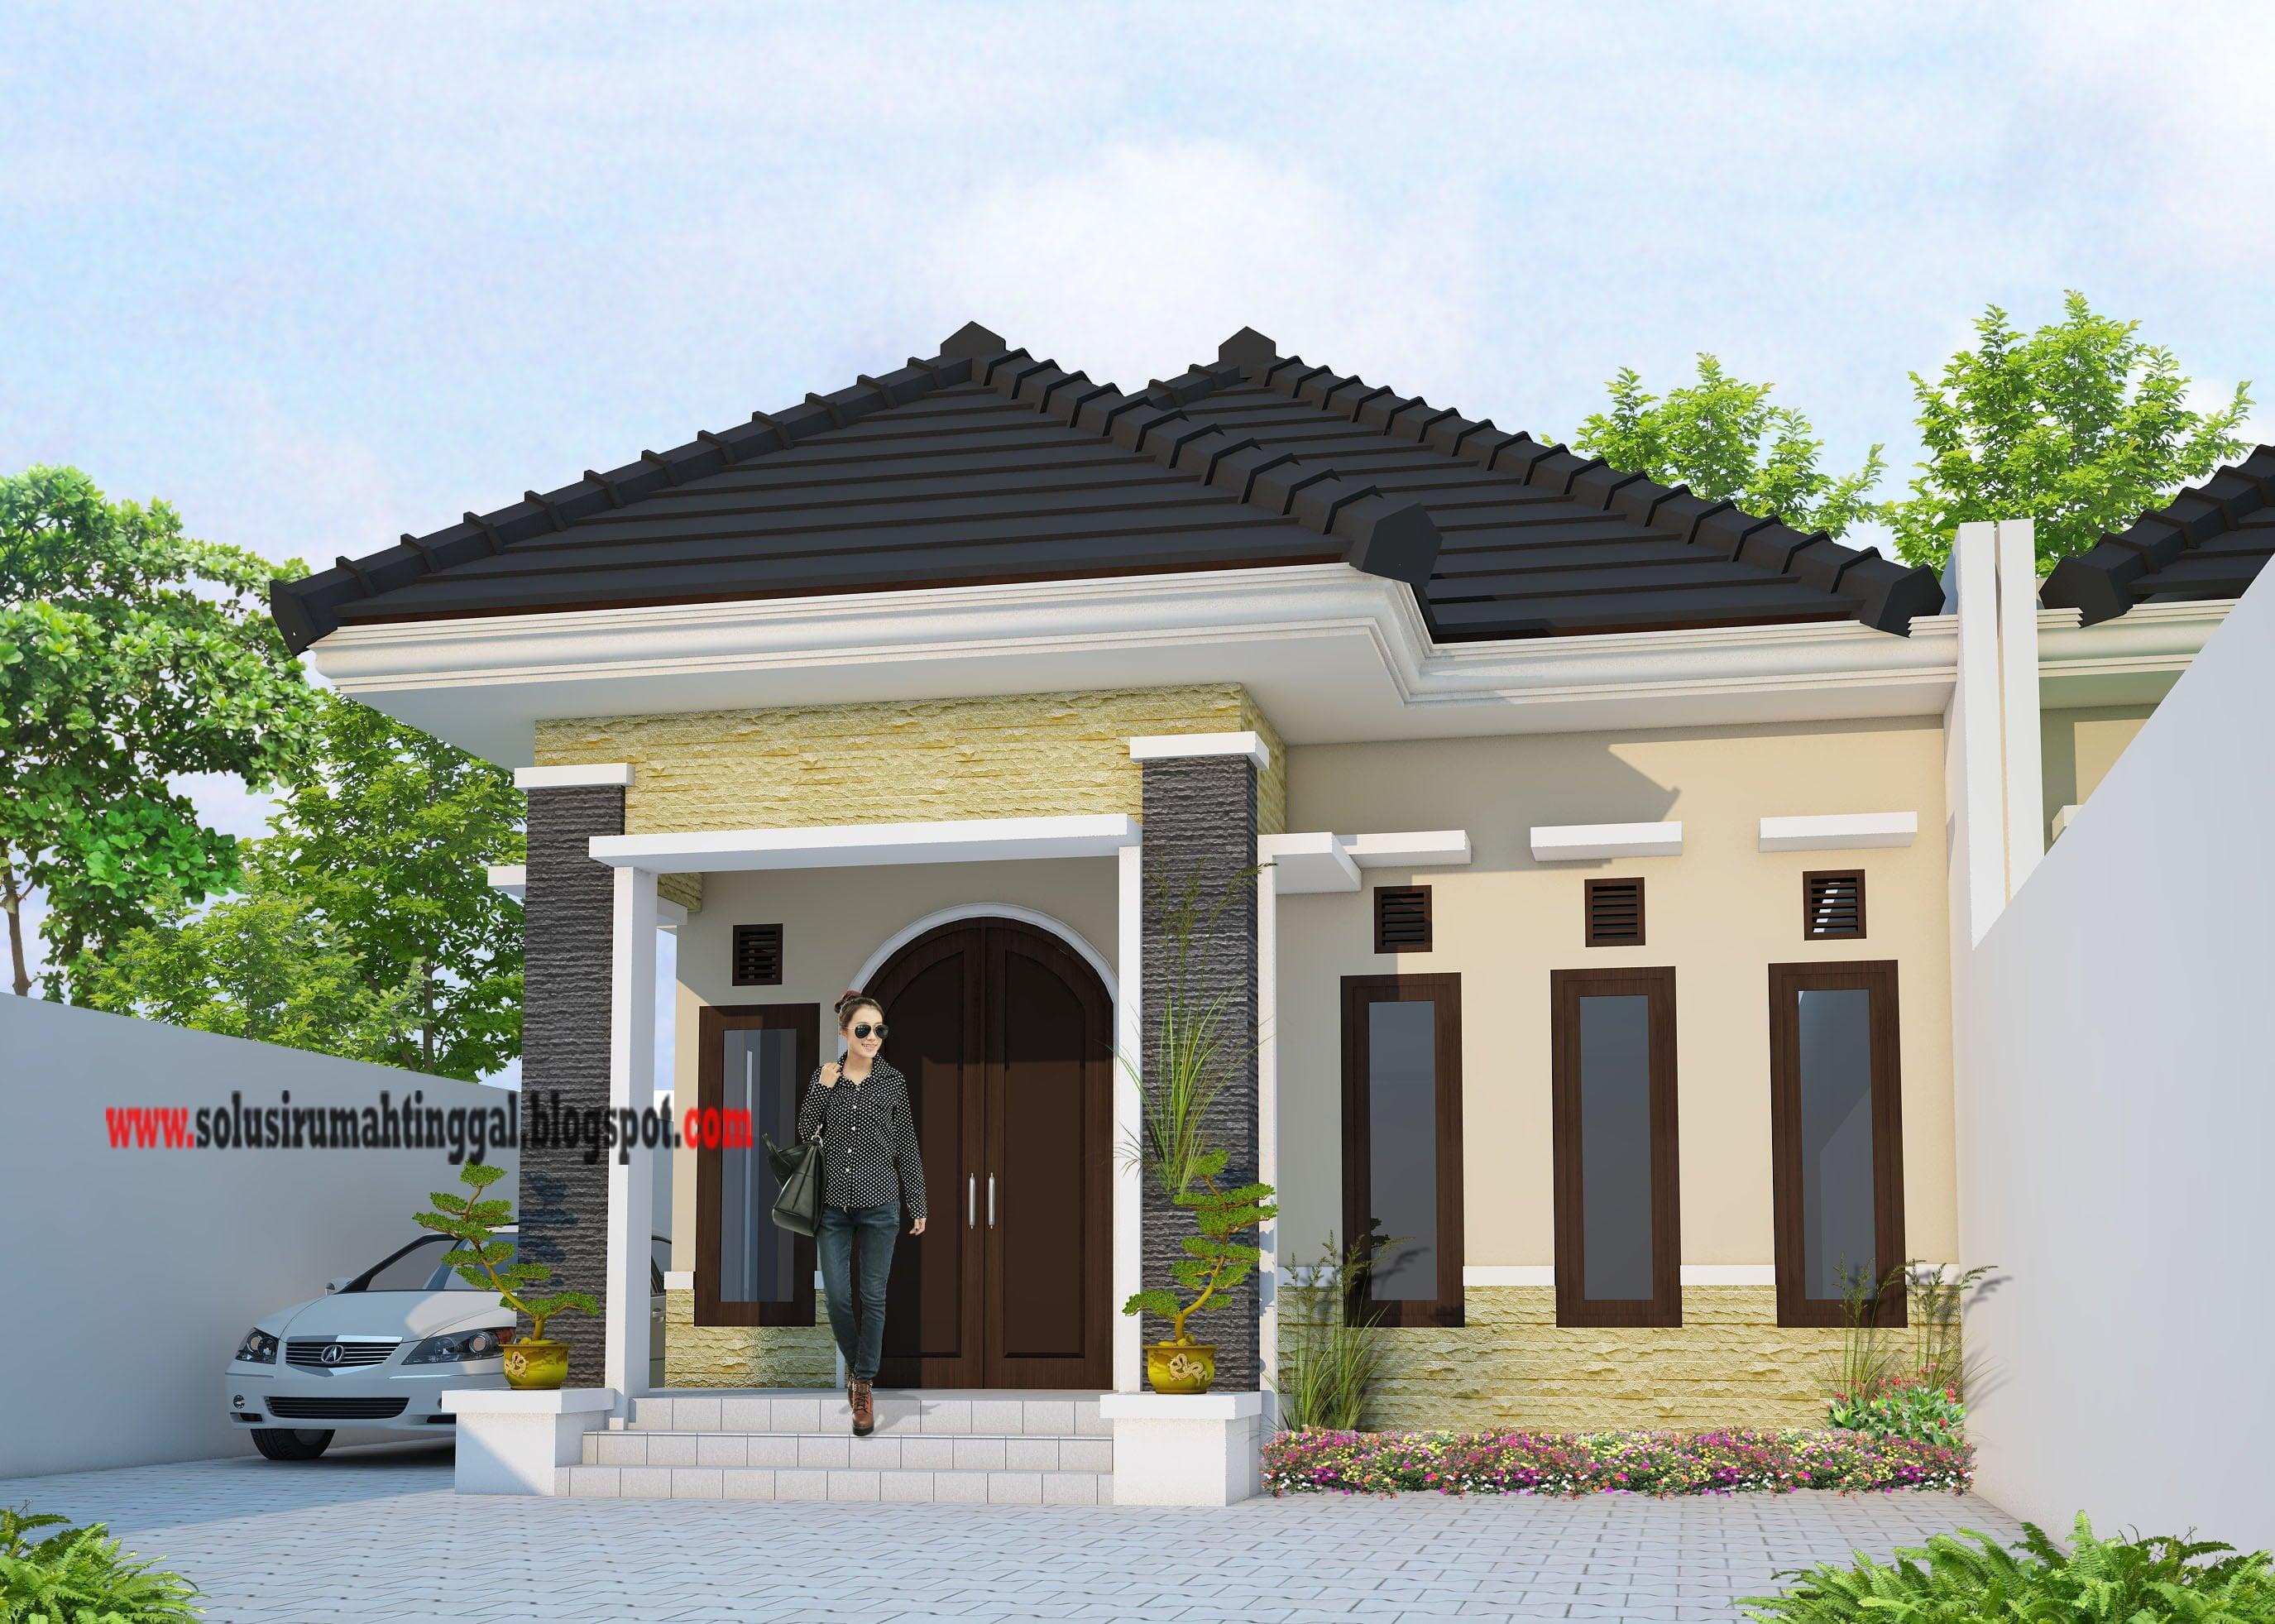 33 Arsitektur Desain Desain Rumah Klasik Sederhana 1 Lantai Paling Banyak Di Cari - Deagam Design